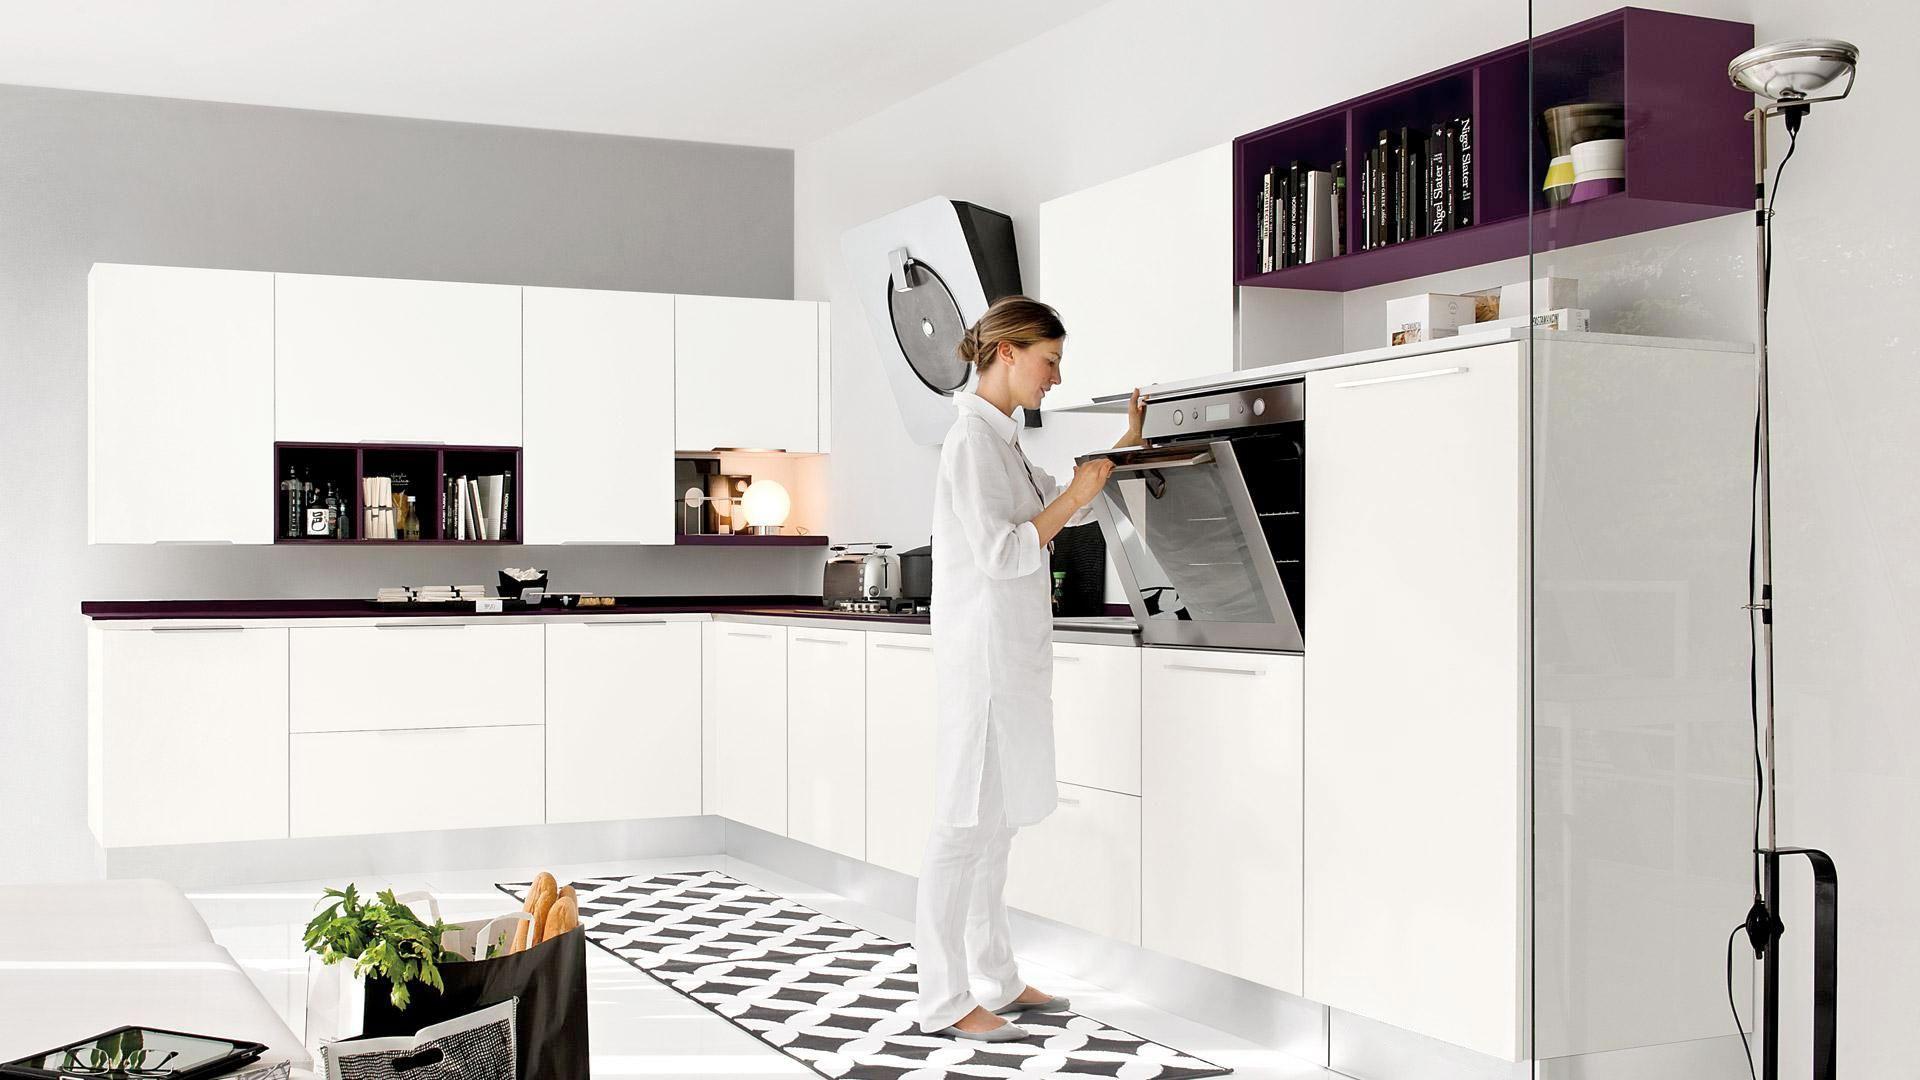 Kuchnia Pamela. Biel w połysku stwarza świetne tło dla bardziej oryginalnych dodatków, np. otwartych półek w kolorze fioletowym. Fot. Lube Cucine